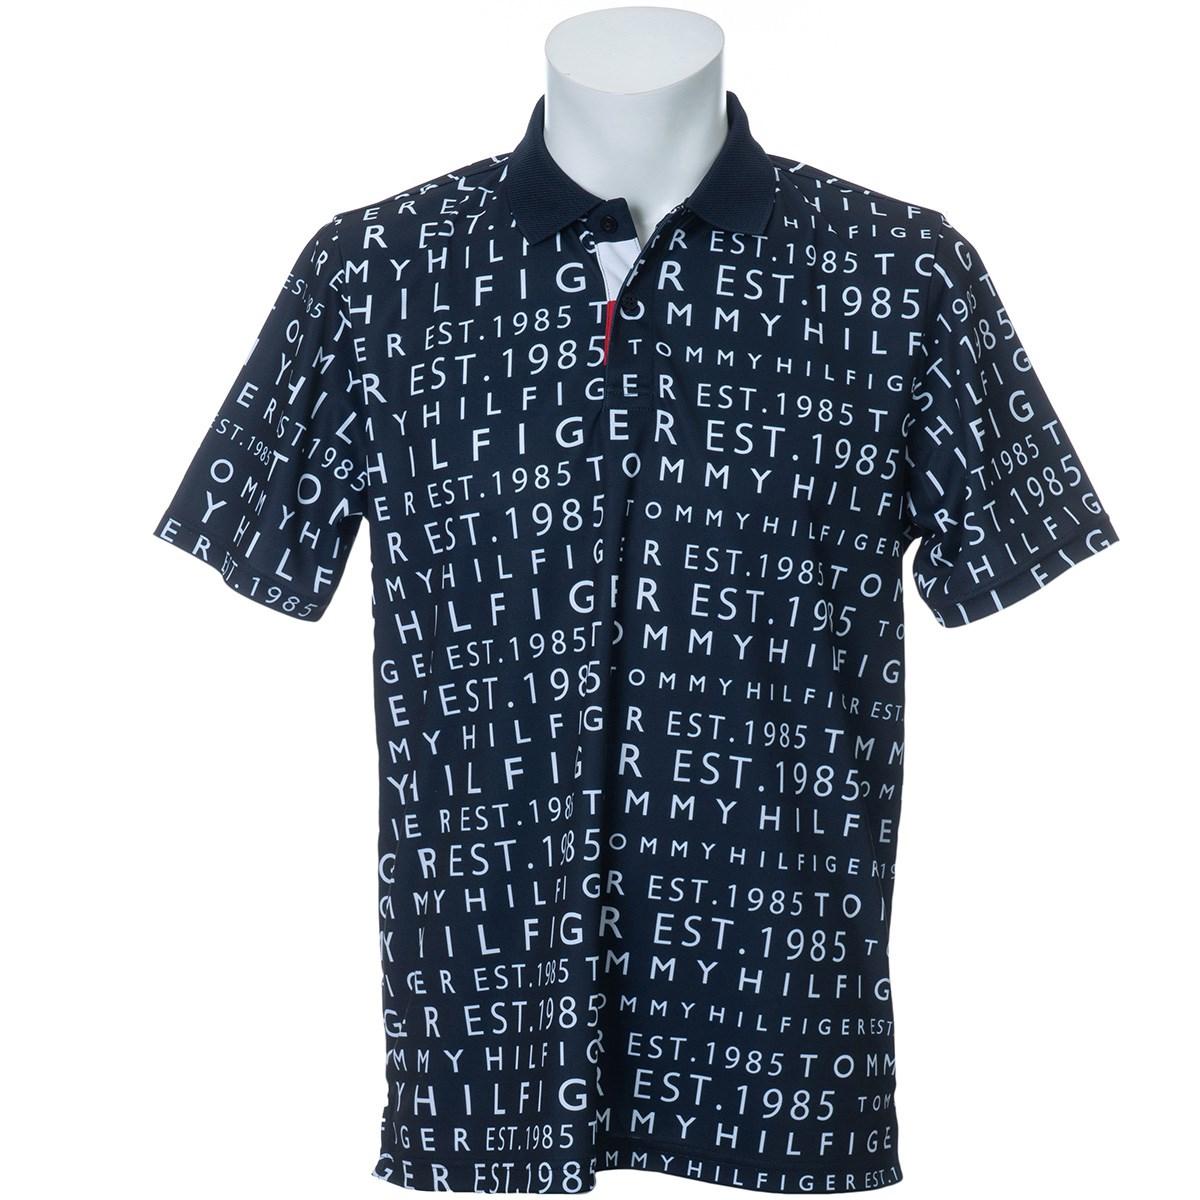 トミーヒルフィガー(Tommy Hilfiger) ロゴ プリント 半袖ポロシャツ